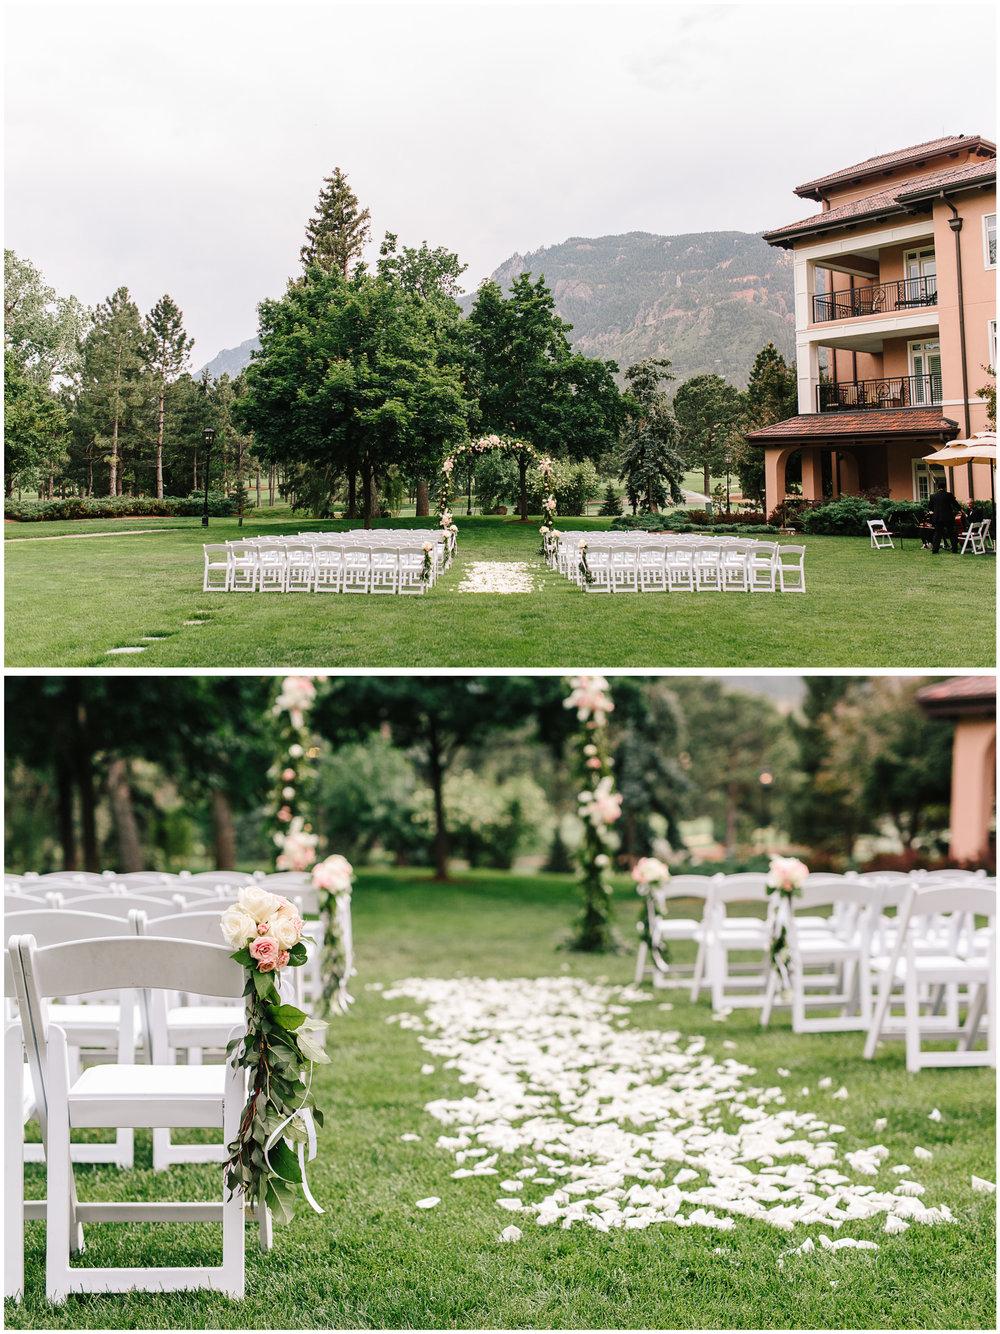 broadmoor_wedding_30.jpg